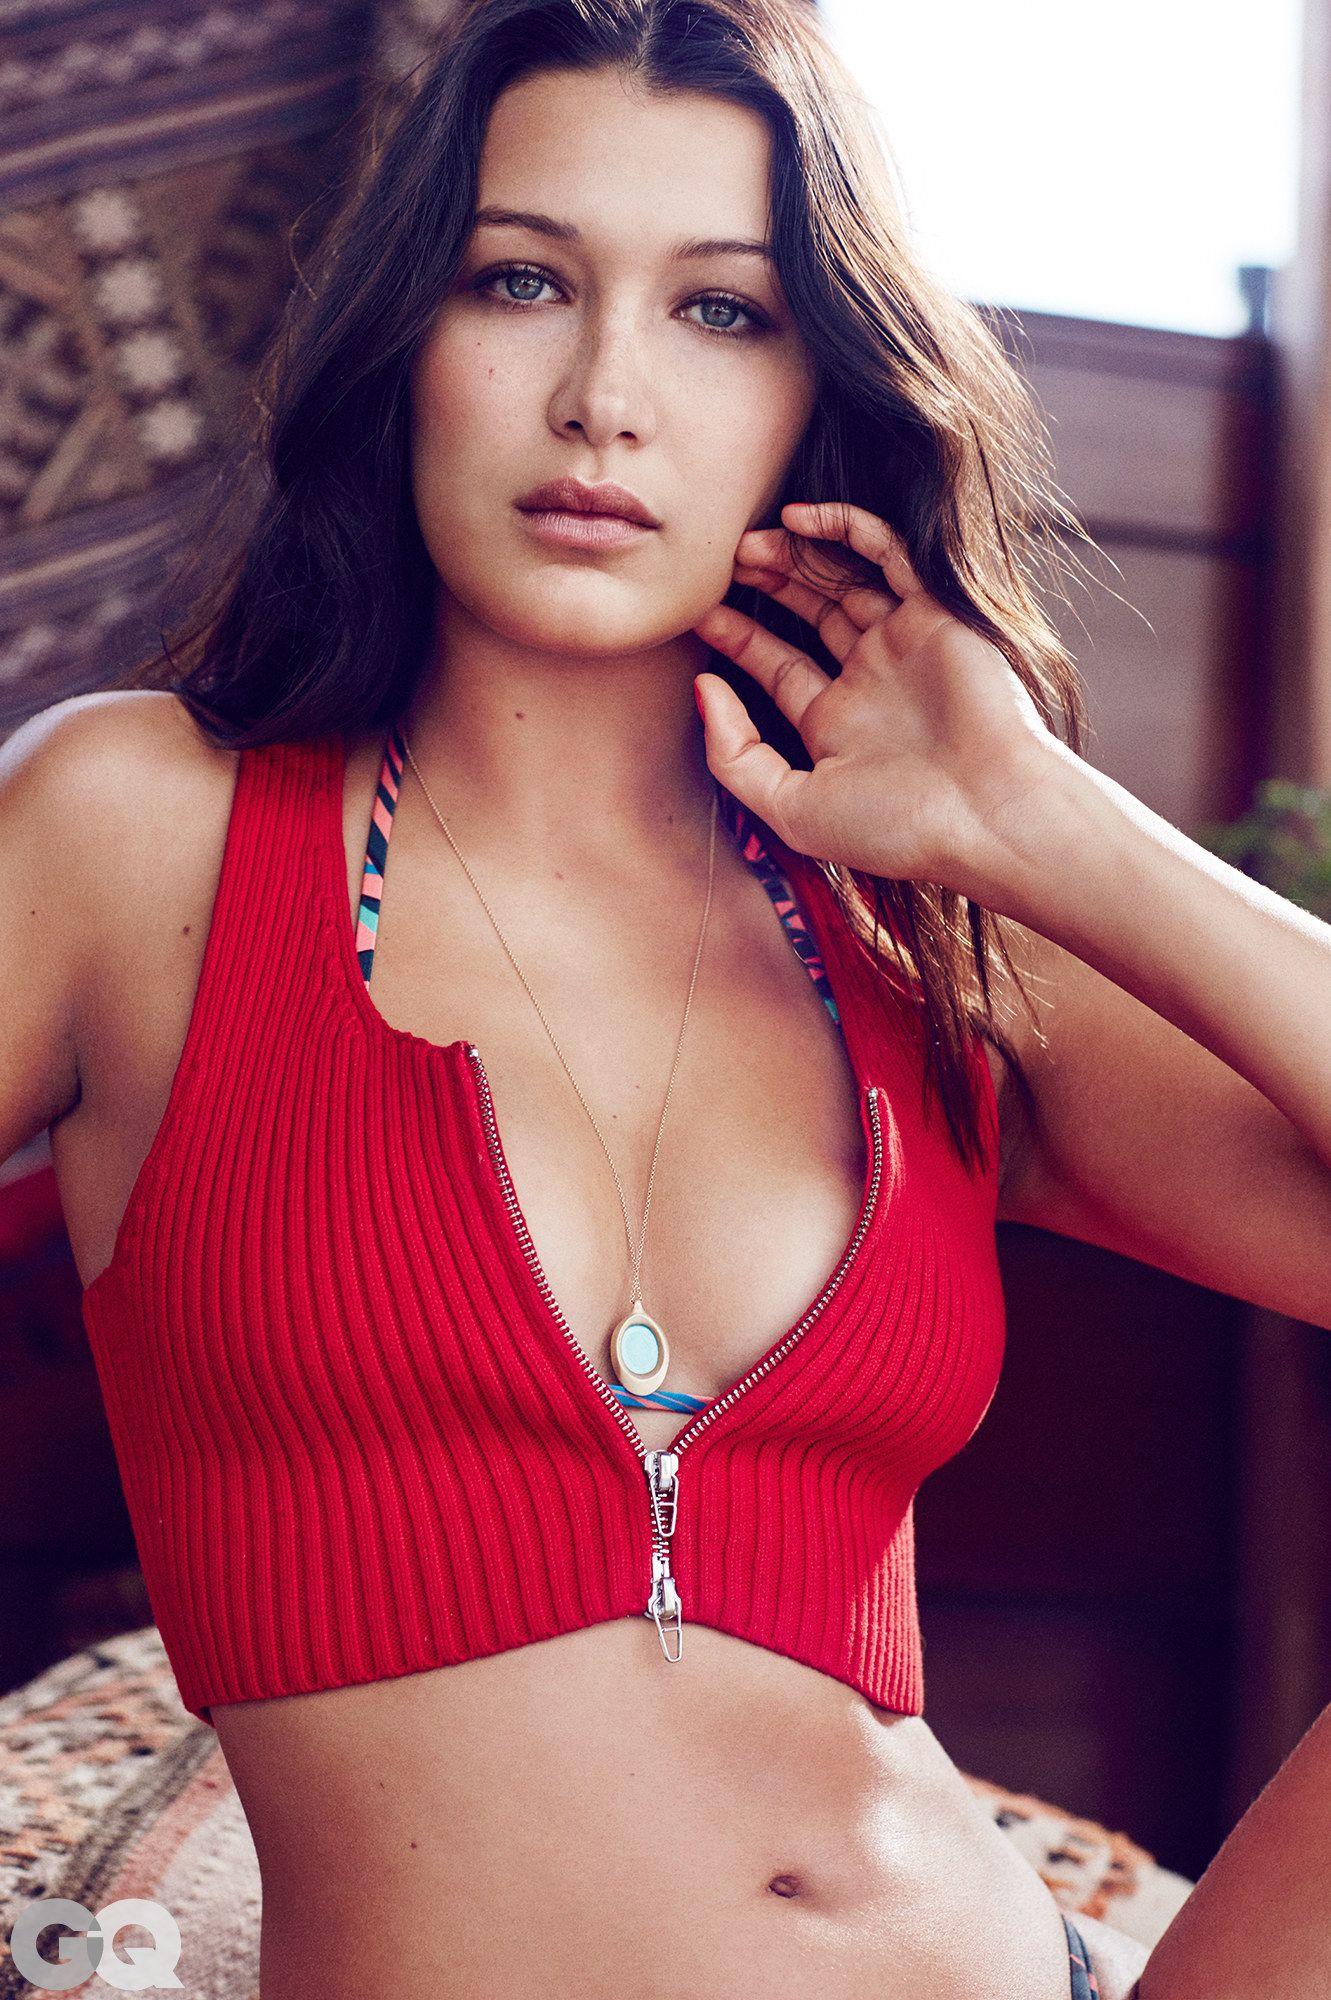 Bella-Hadid-Sexy-1